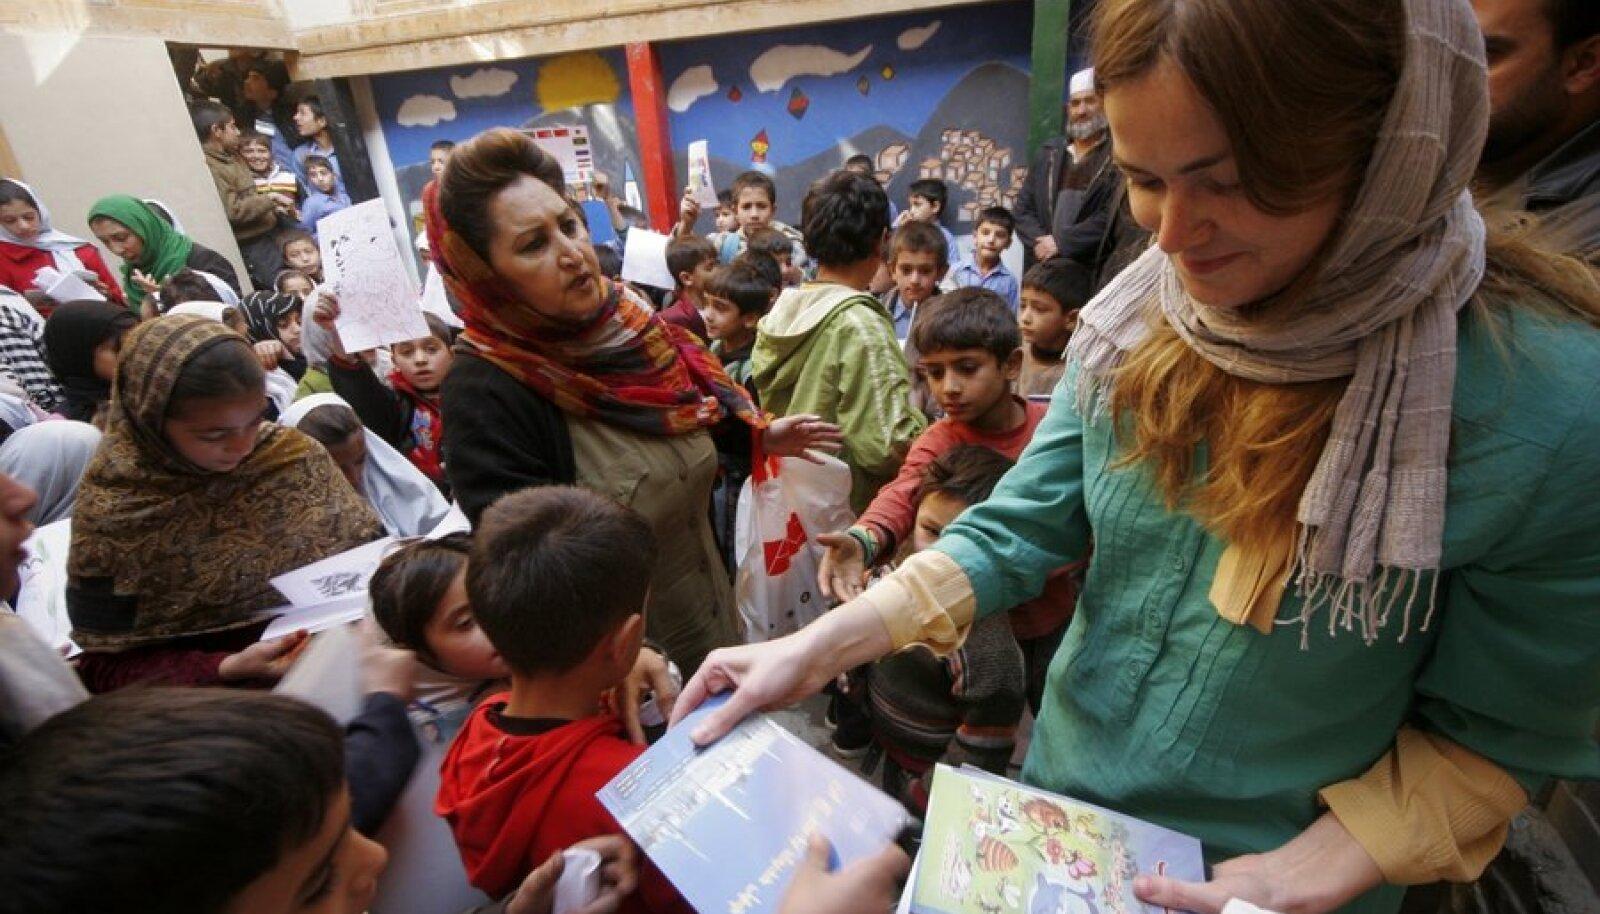 Eesti-Afganistani sõpruskoolide programmi raames jõuavad afgaani õpilastele Eesti sõprade abiga raamatudki.